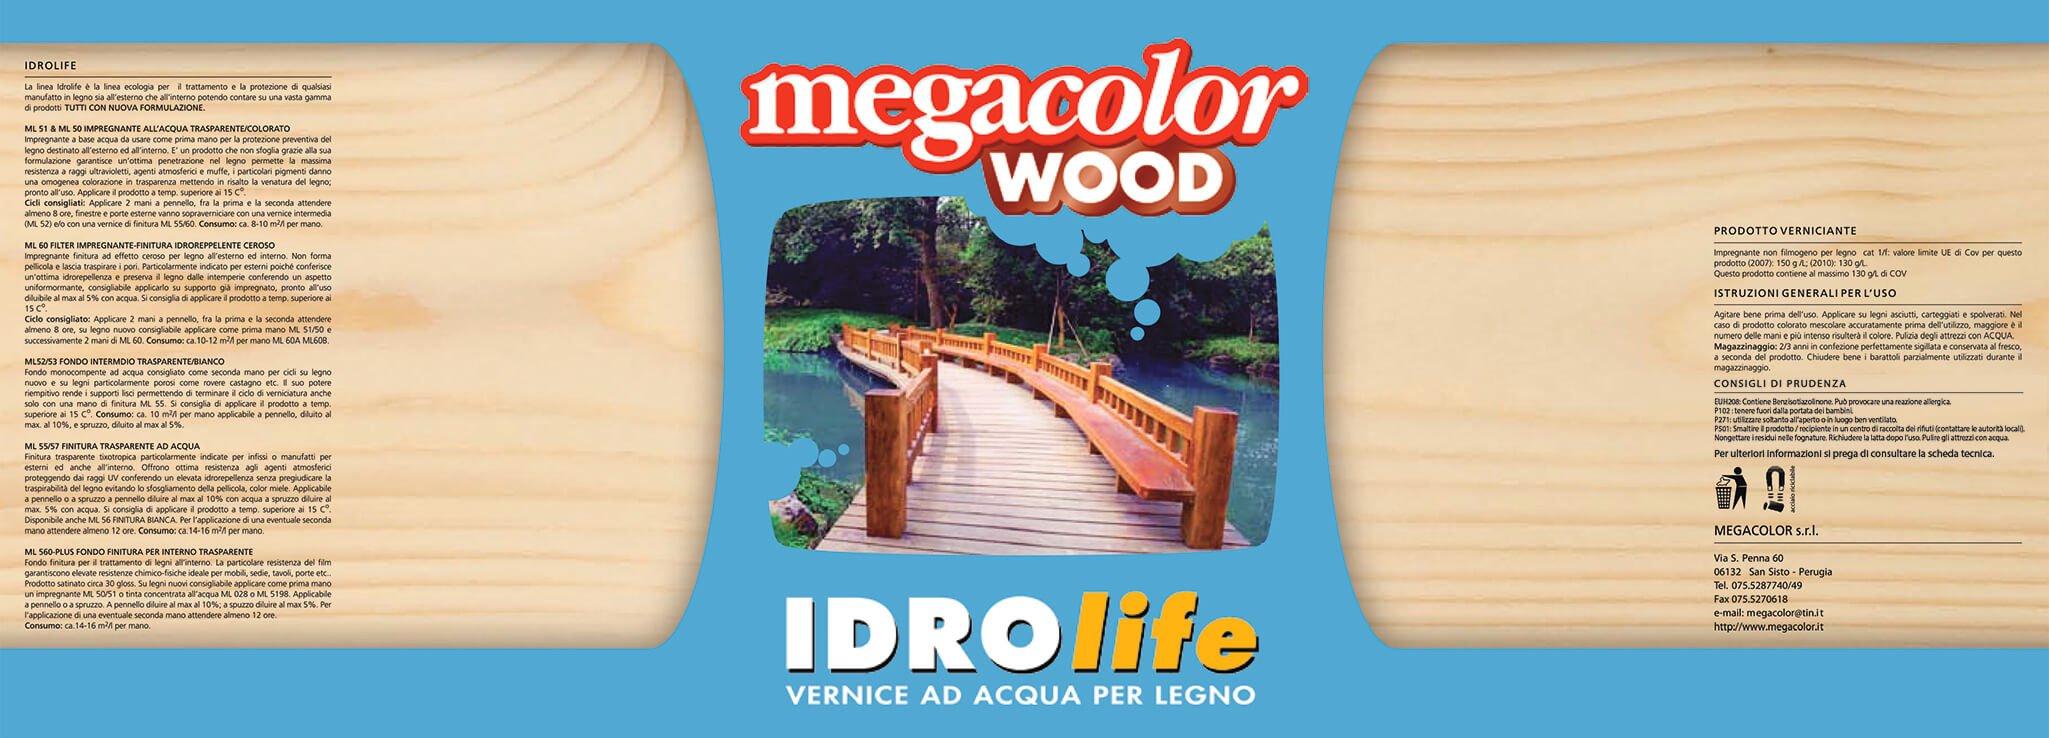 idrolife vernice ad acqua per legno